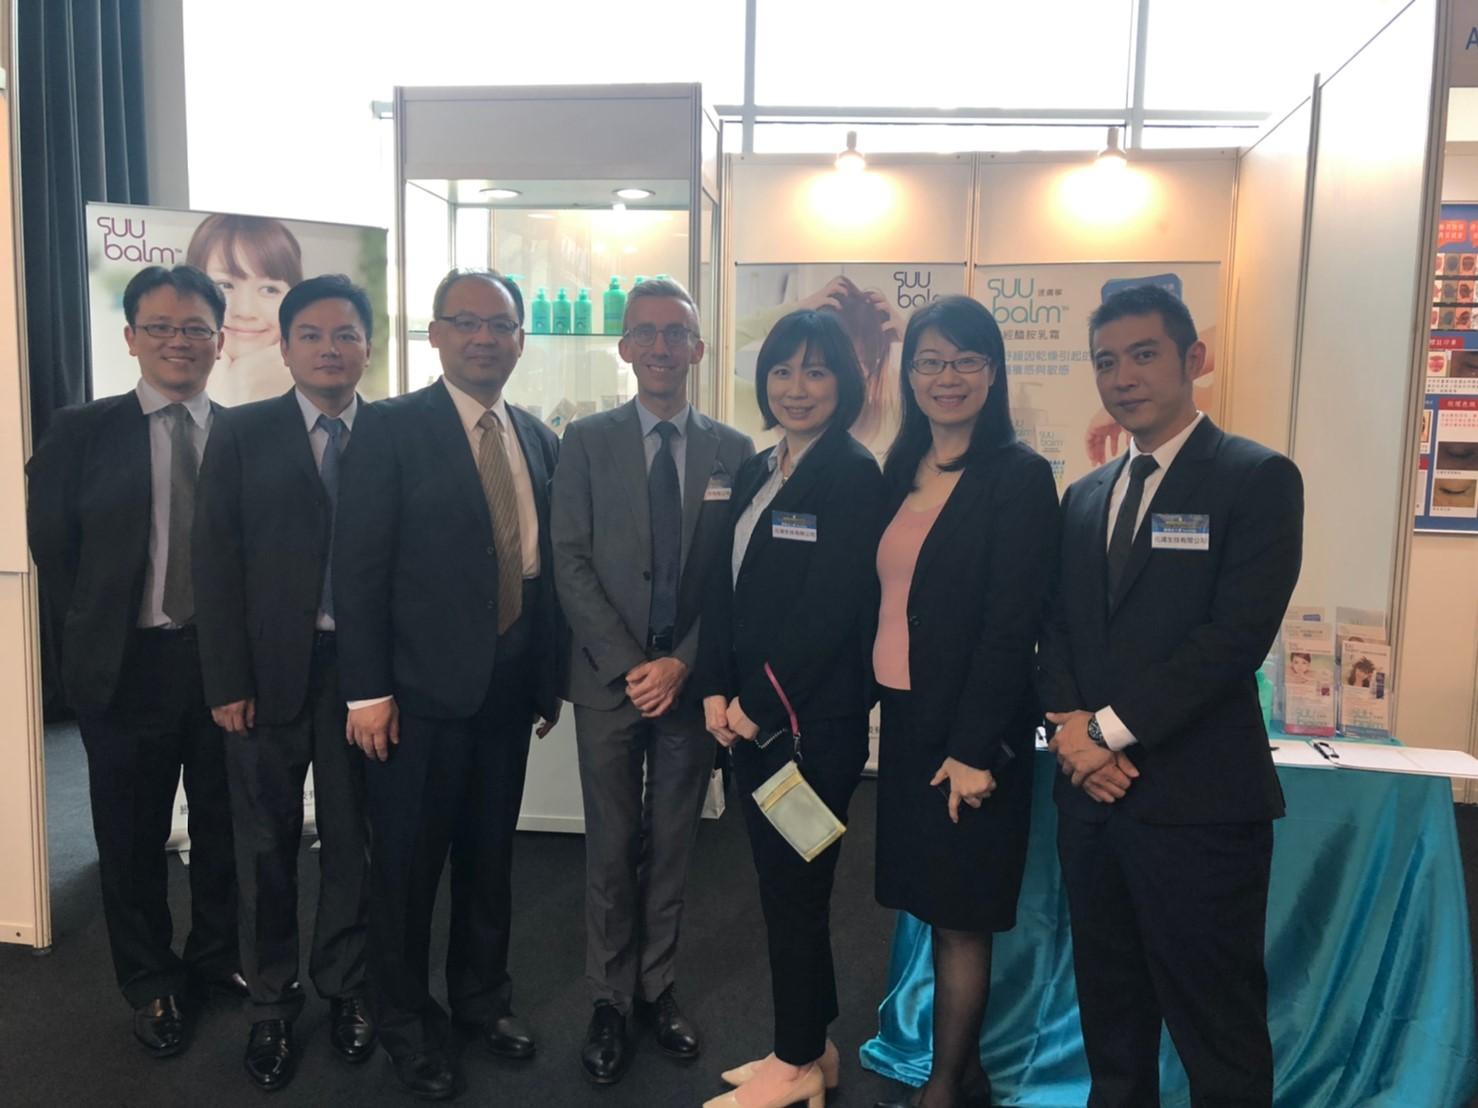 本公司參加2019年12月13-15日第45屆台灣皮膚科醫學會年會